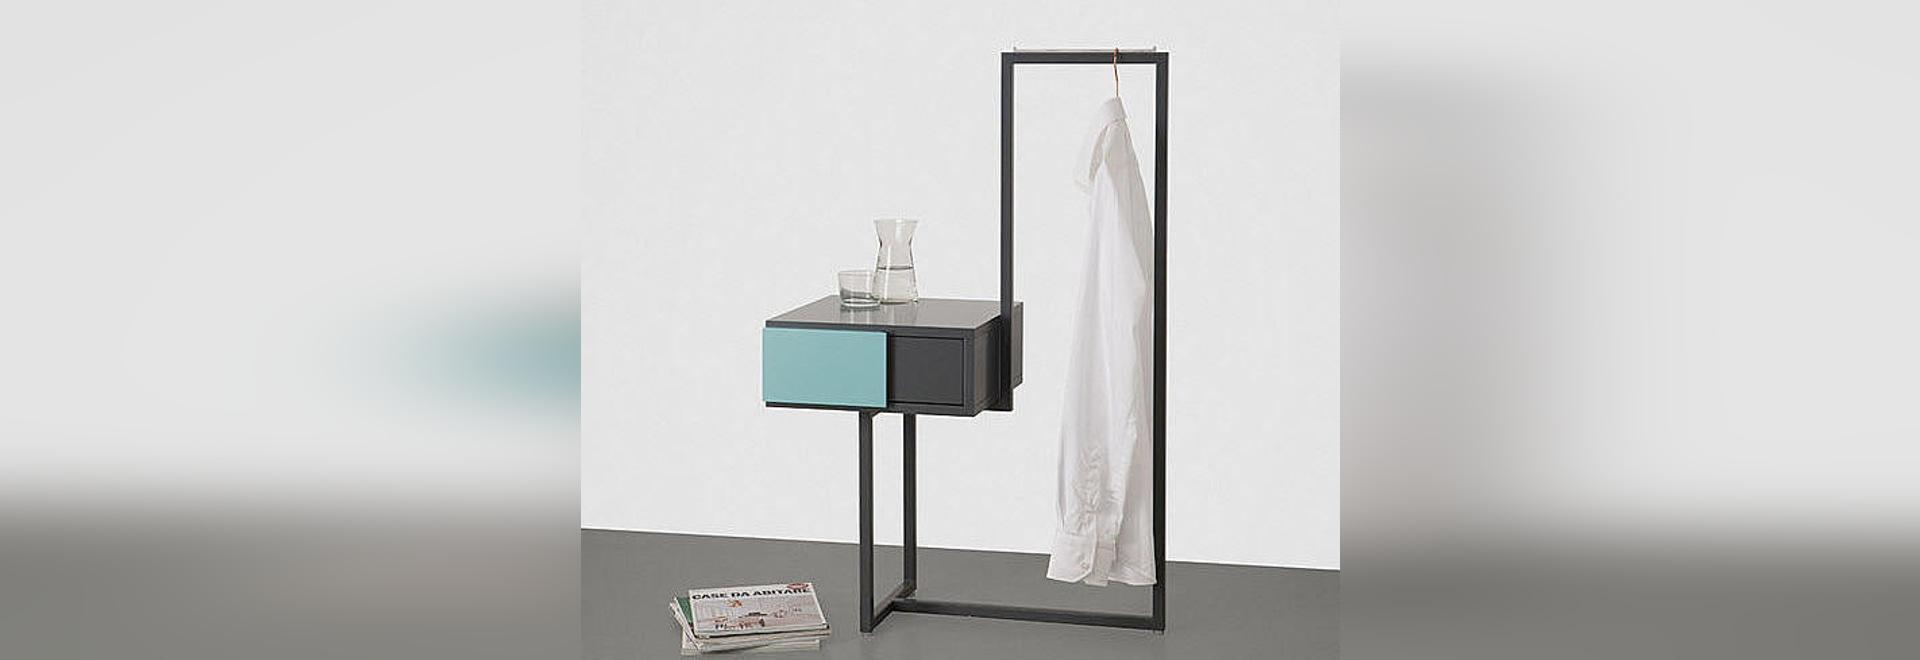 Teca, diseño de Alfredo Häberli